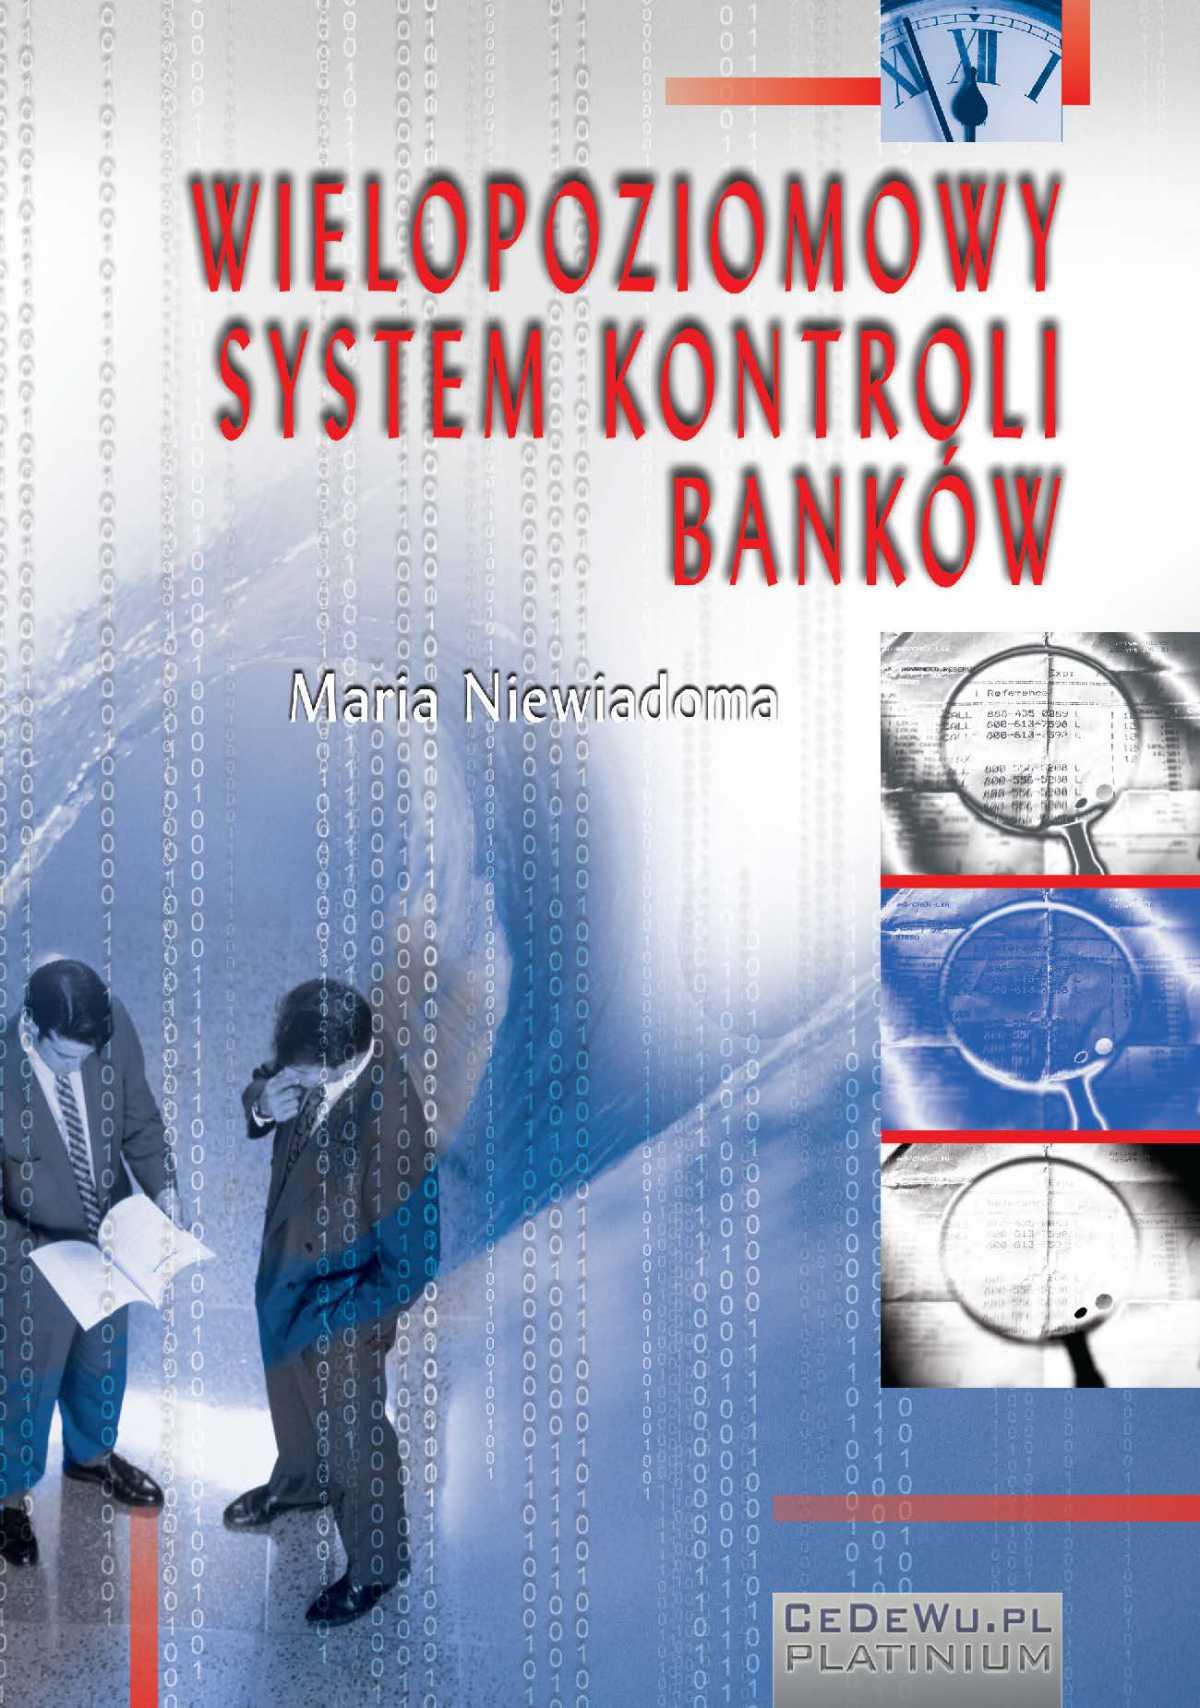 Wielopoziomowy system kontroli banków. Rozdział 1. Systematyzacja pojęć z zakresu kontroli w sektorze bankowym - Ebook (Książka PDF) do pobrania w formacie PDF